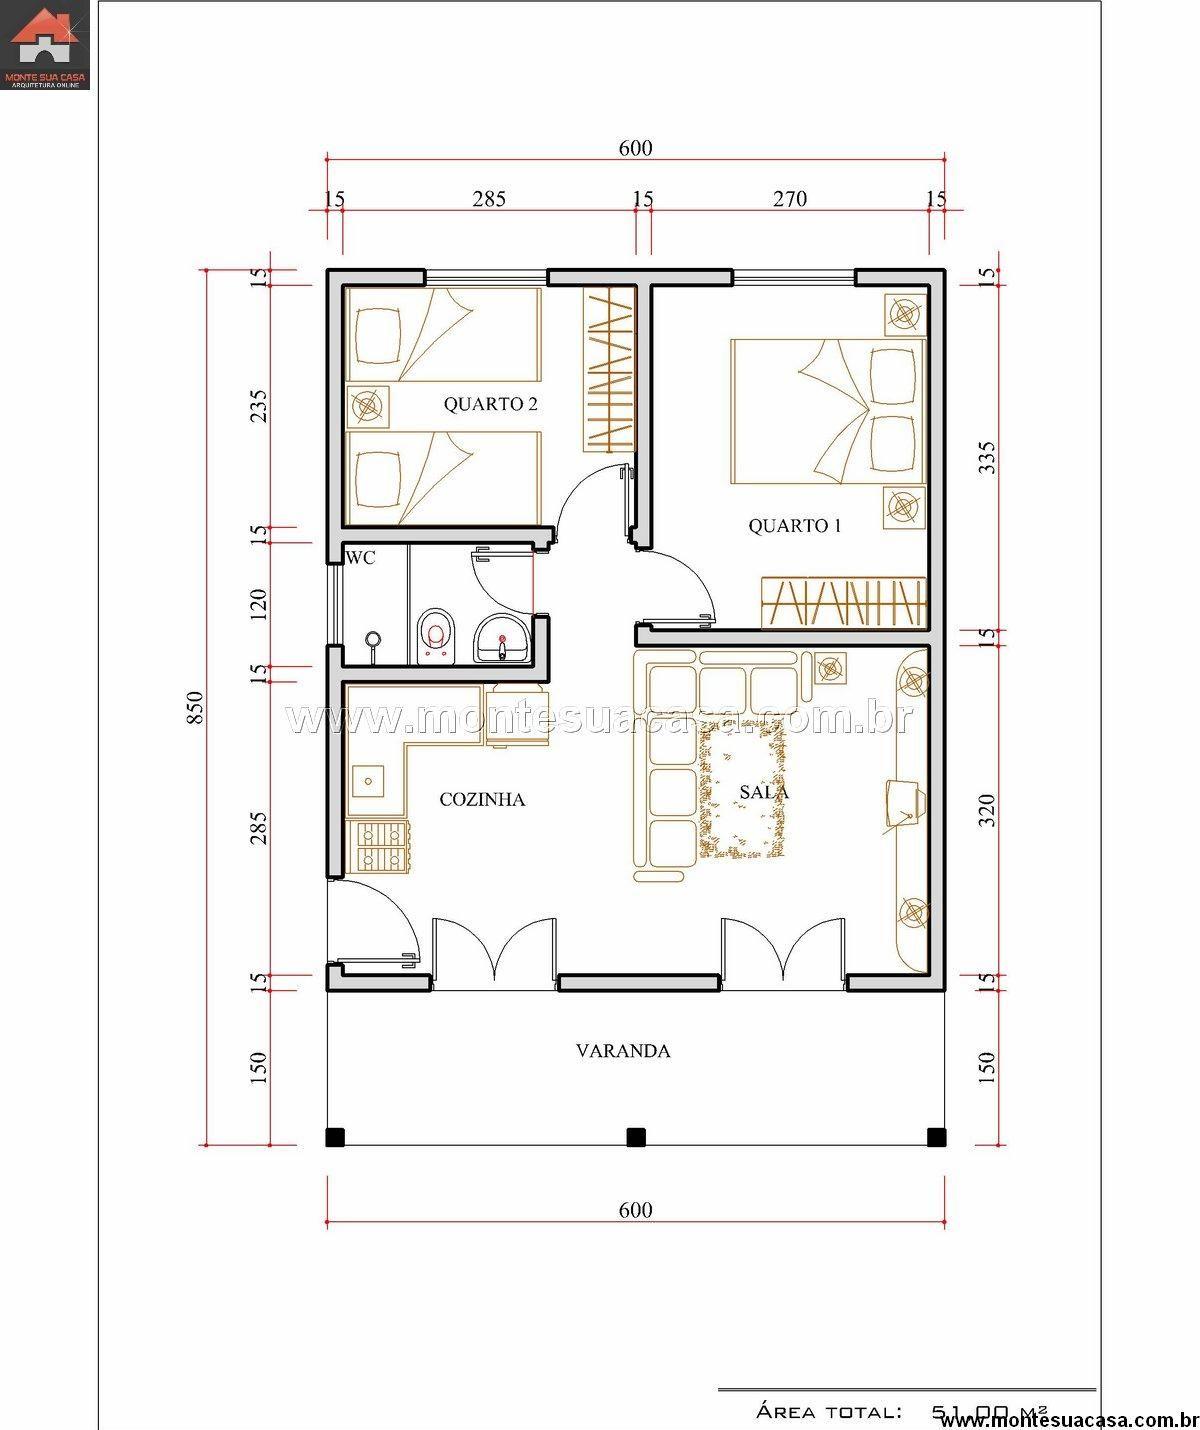 Casa 2 quartos 51m projetos e arq pinterest for Casa moderna 2 andares 3 quartos